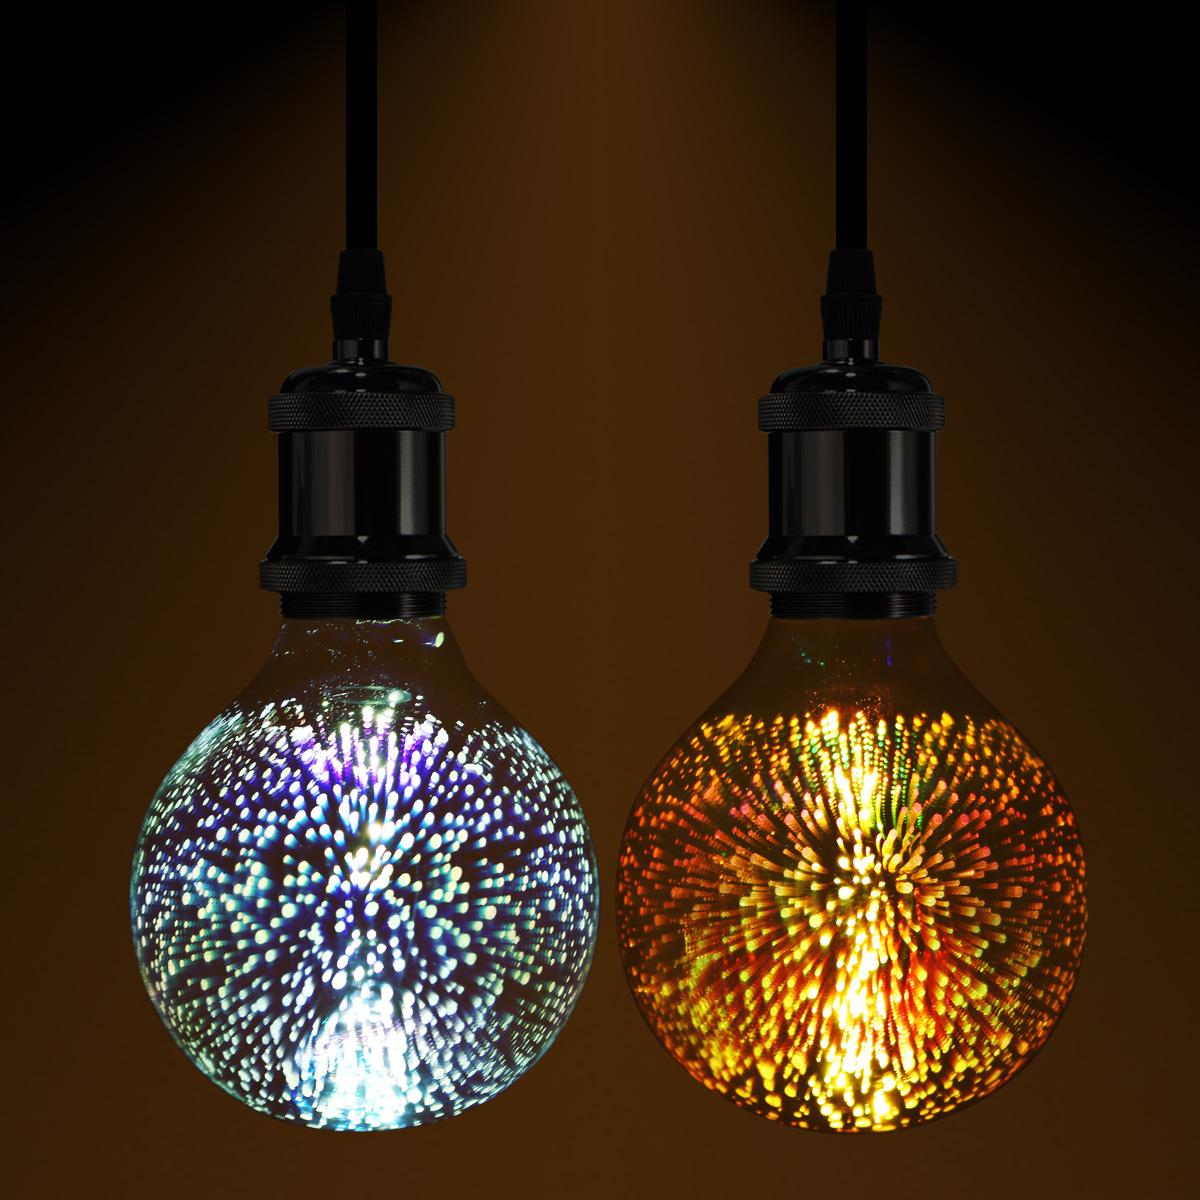 Led Display Lighting Australia